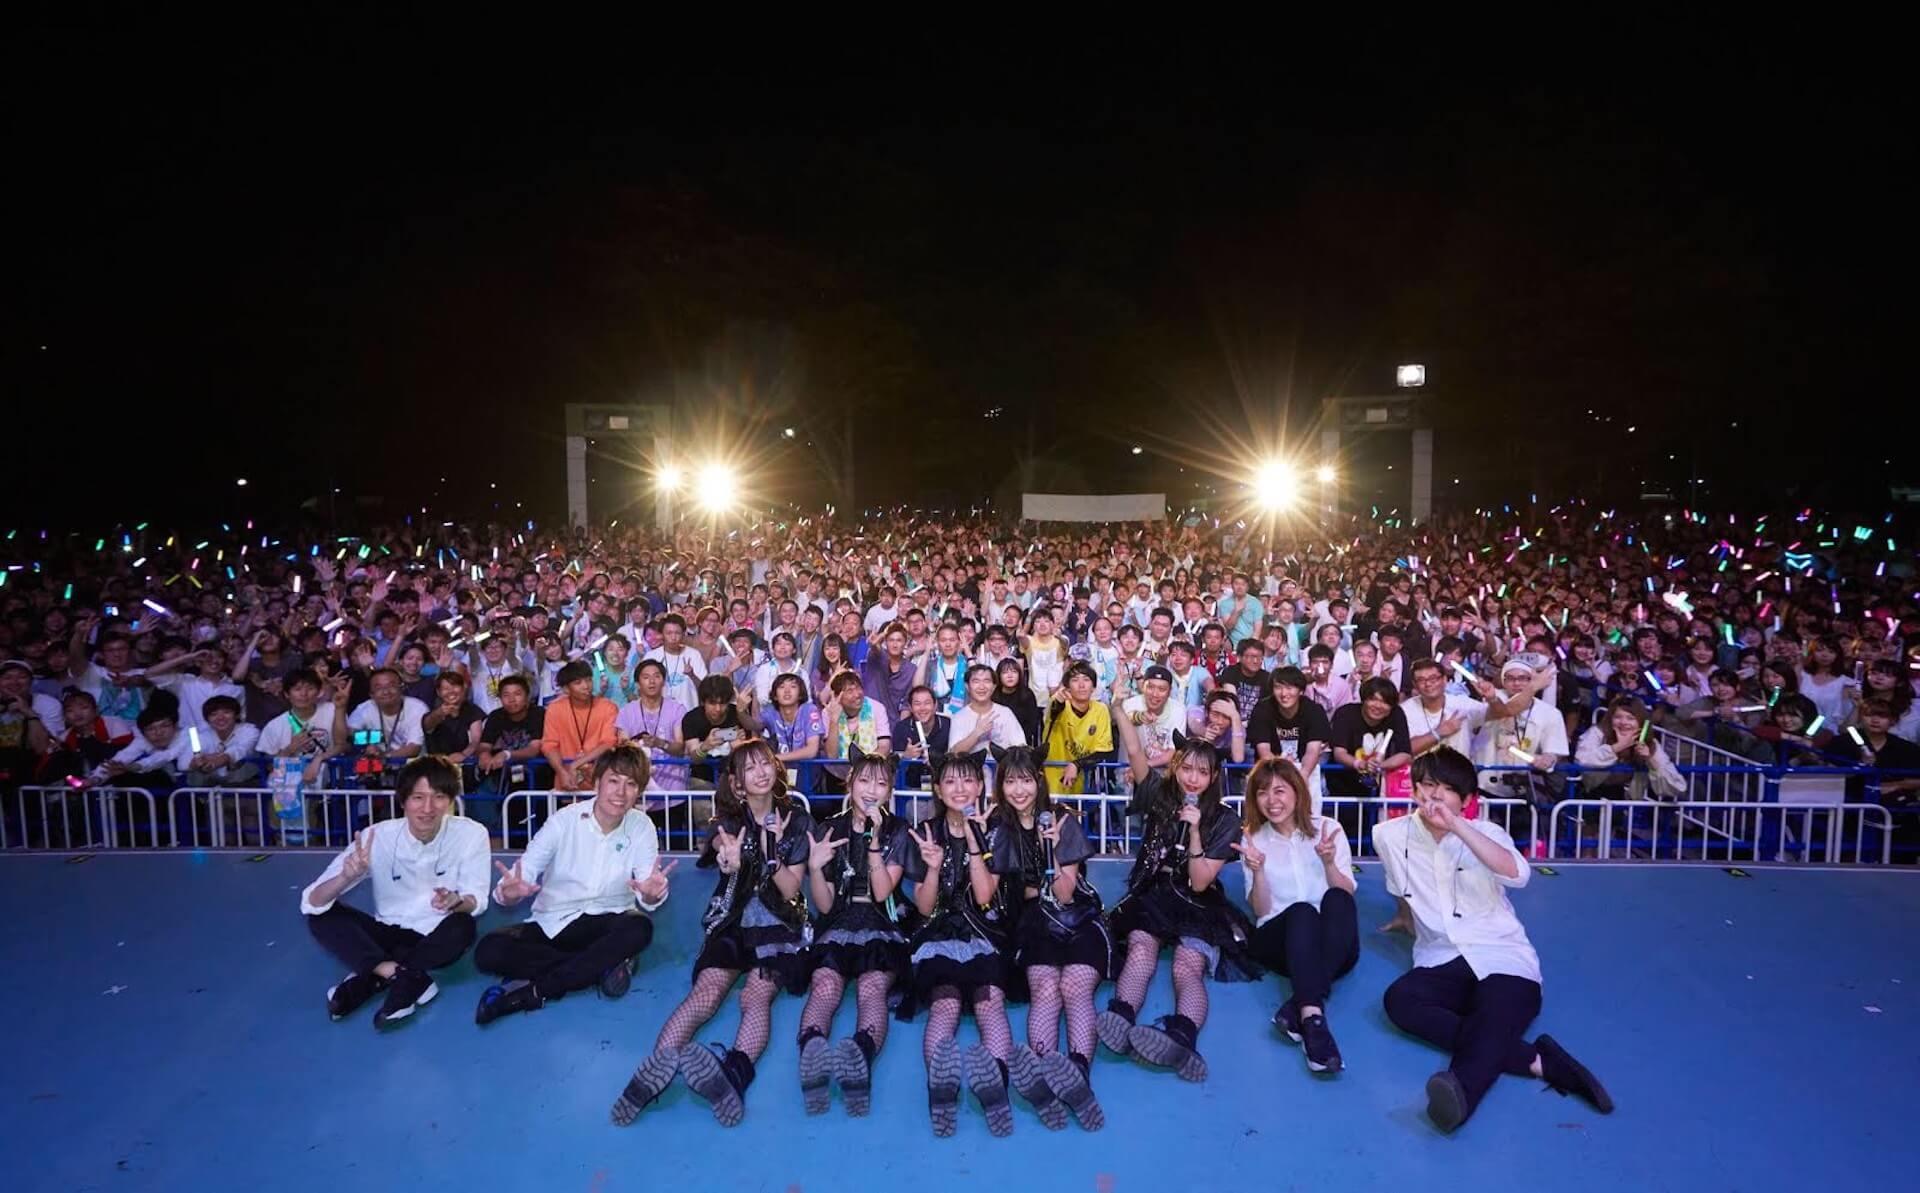 わーすた、代々木野外音楽堂でのFREE LIVE敢行で3,000人が大集結! art191009_waasuta_4